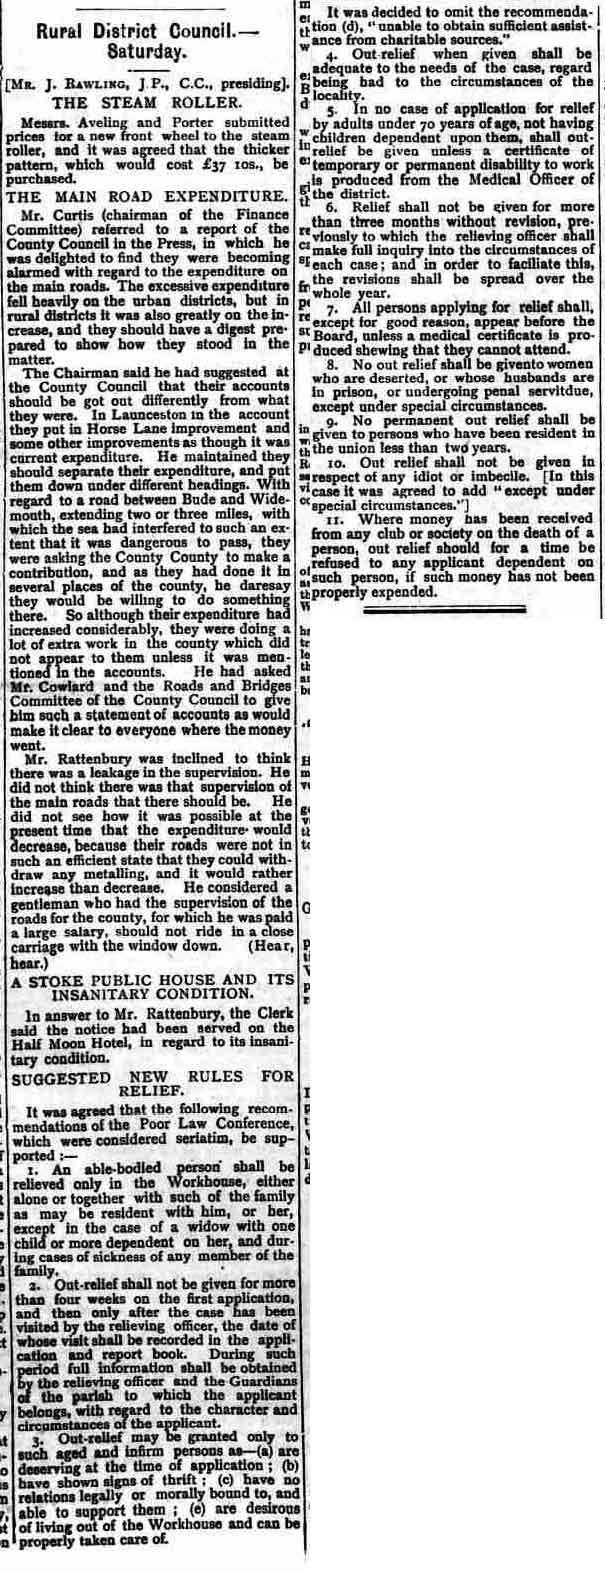 21 February 1903